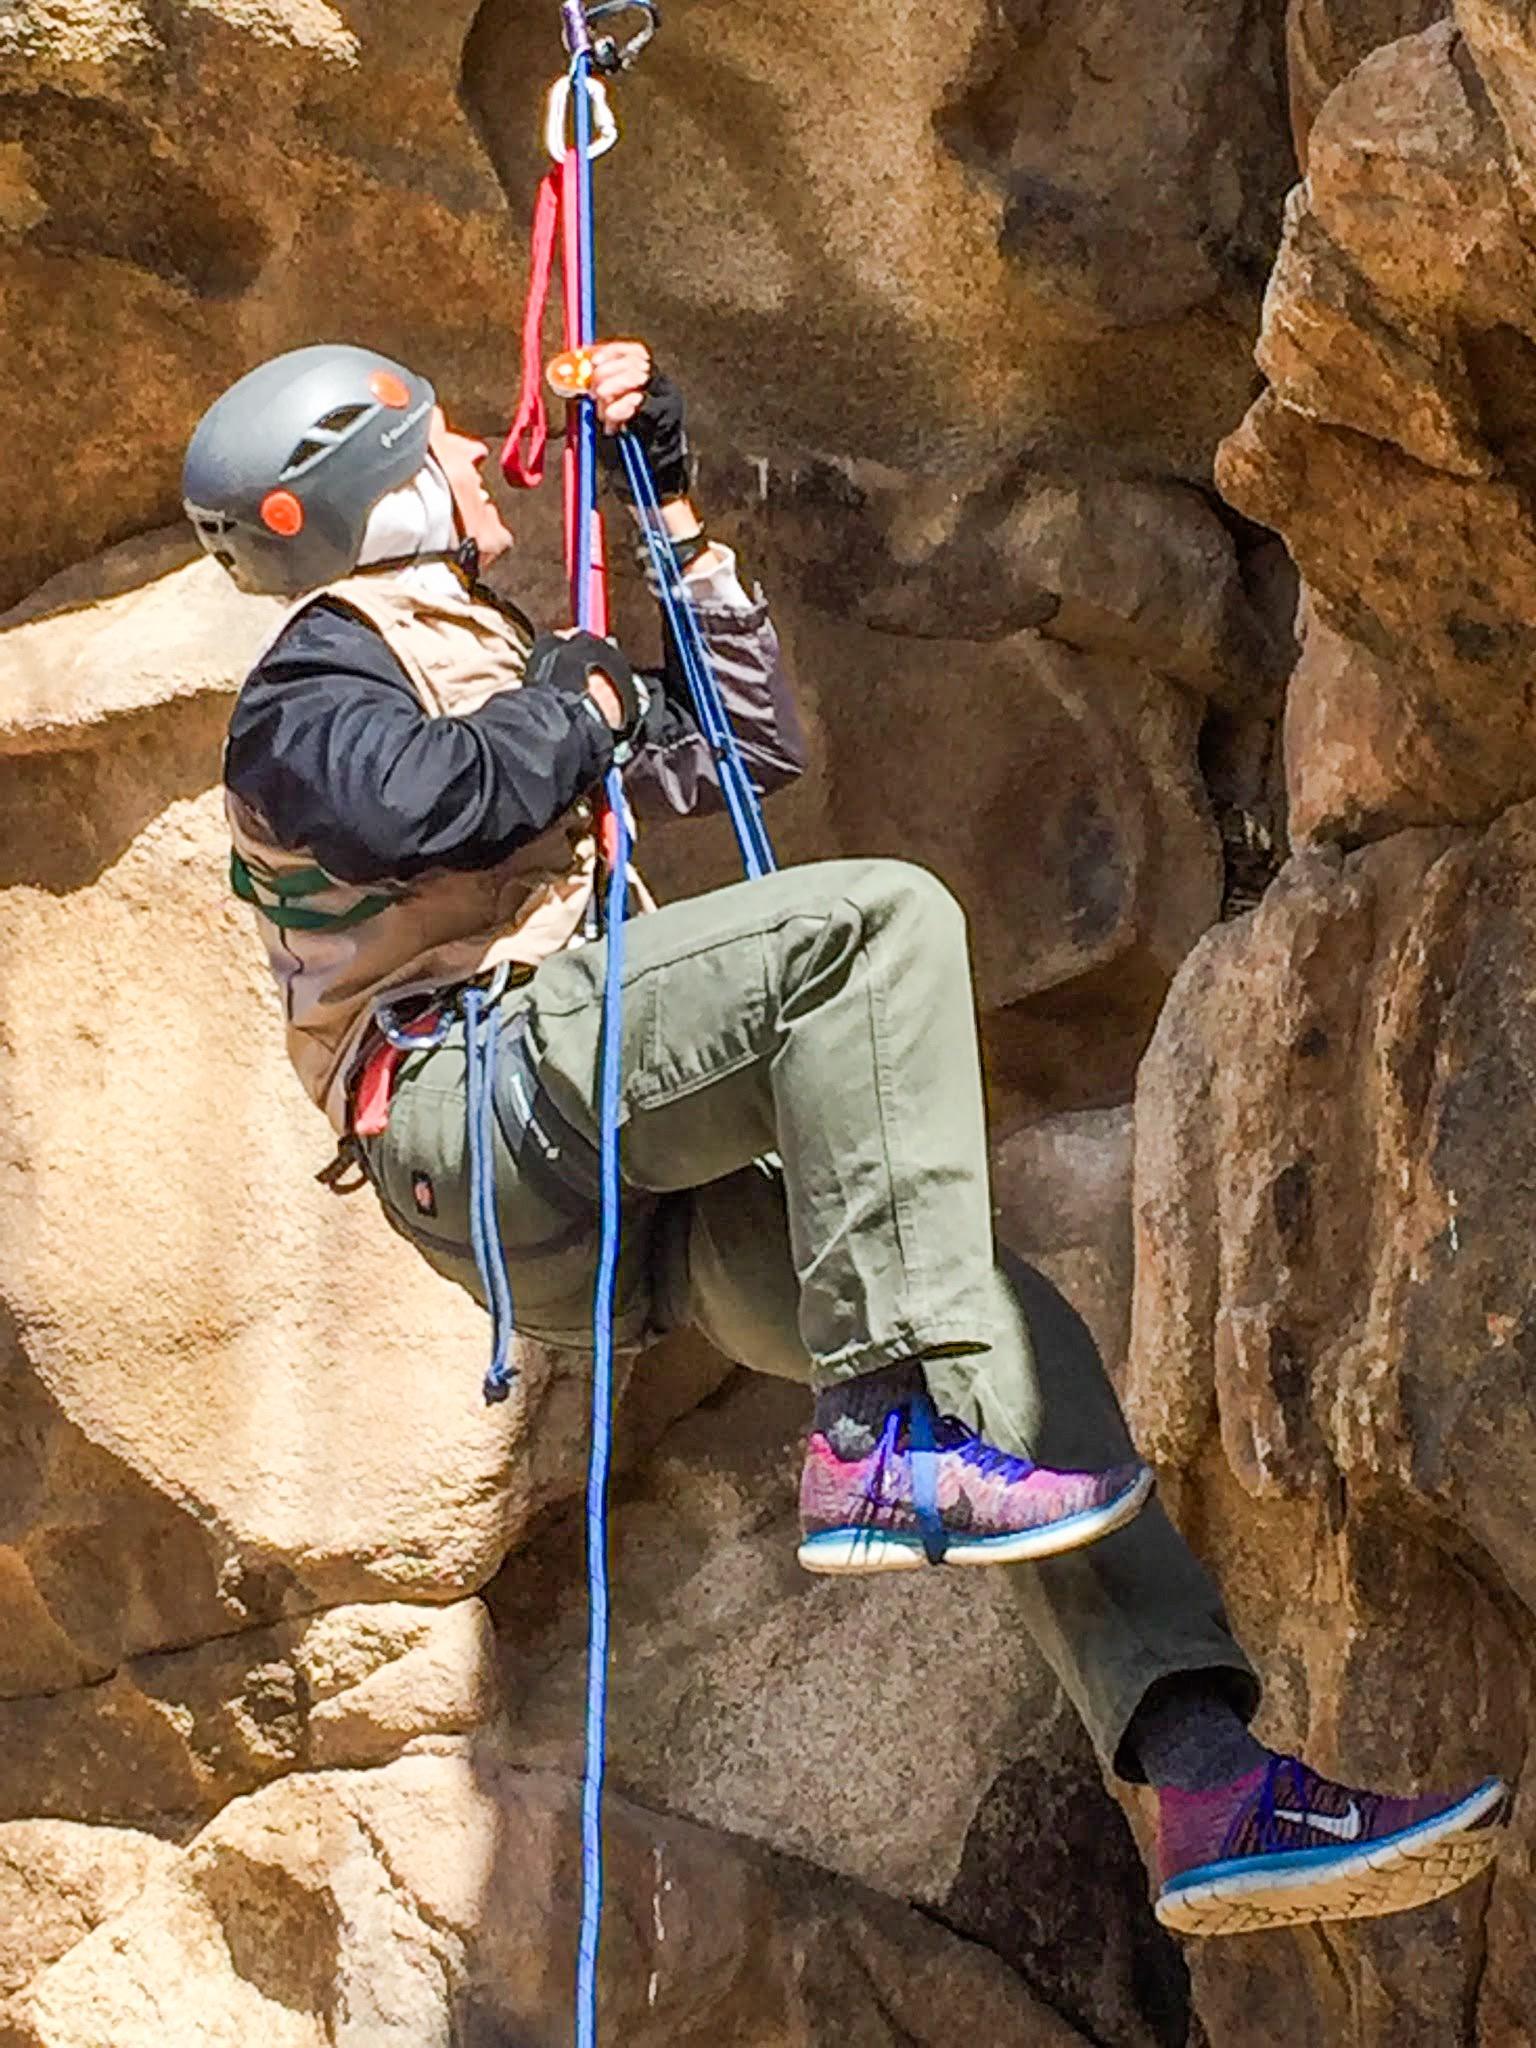 Darius-ascending-rappelling-rope